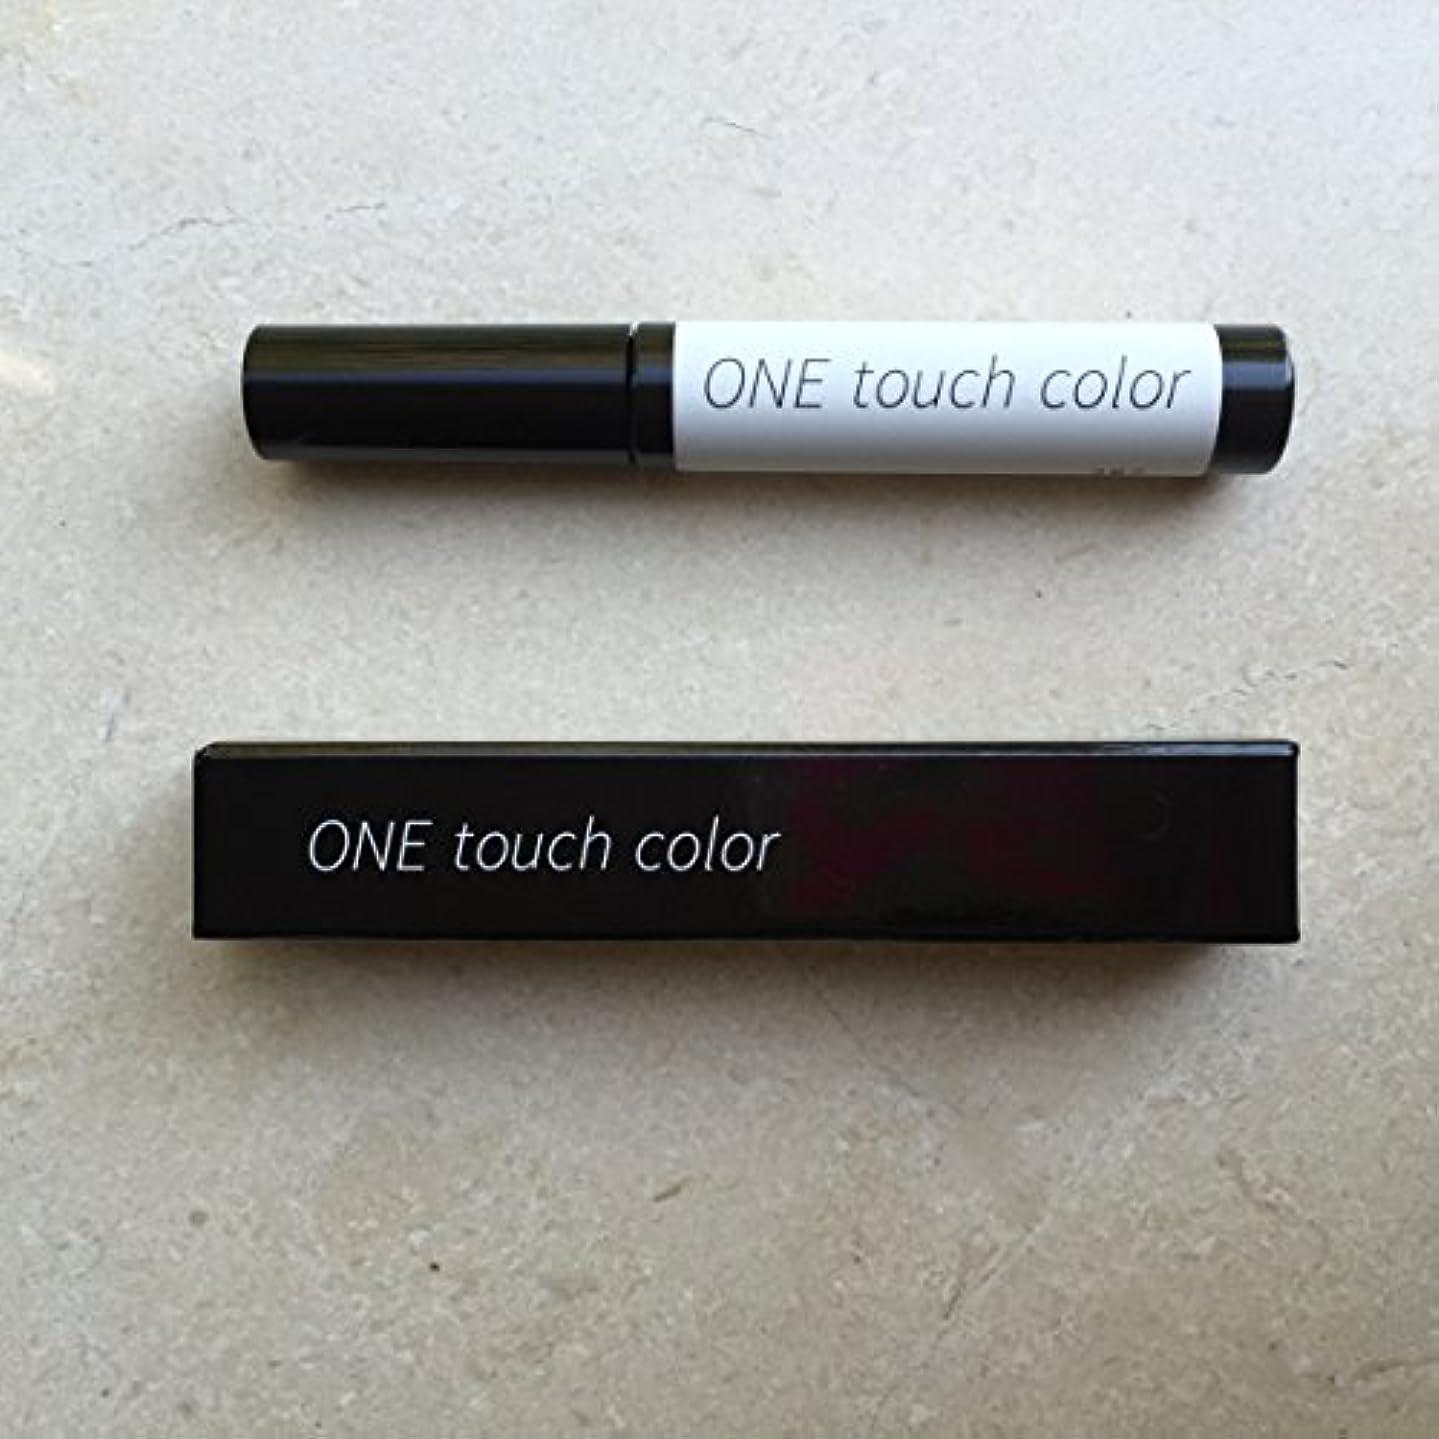 筋煙突持つour touch color ワンタッチカラー